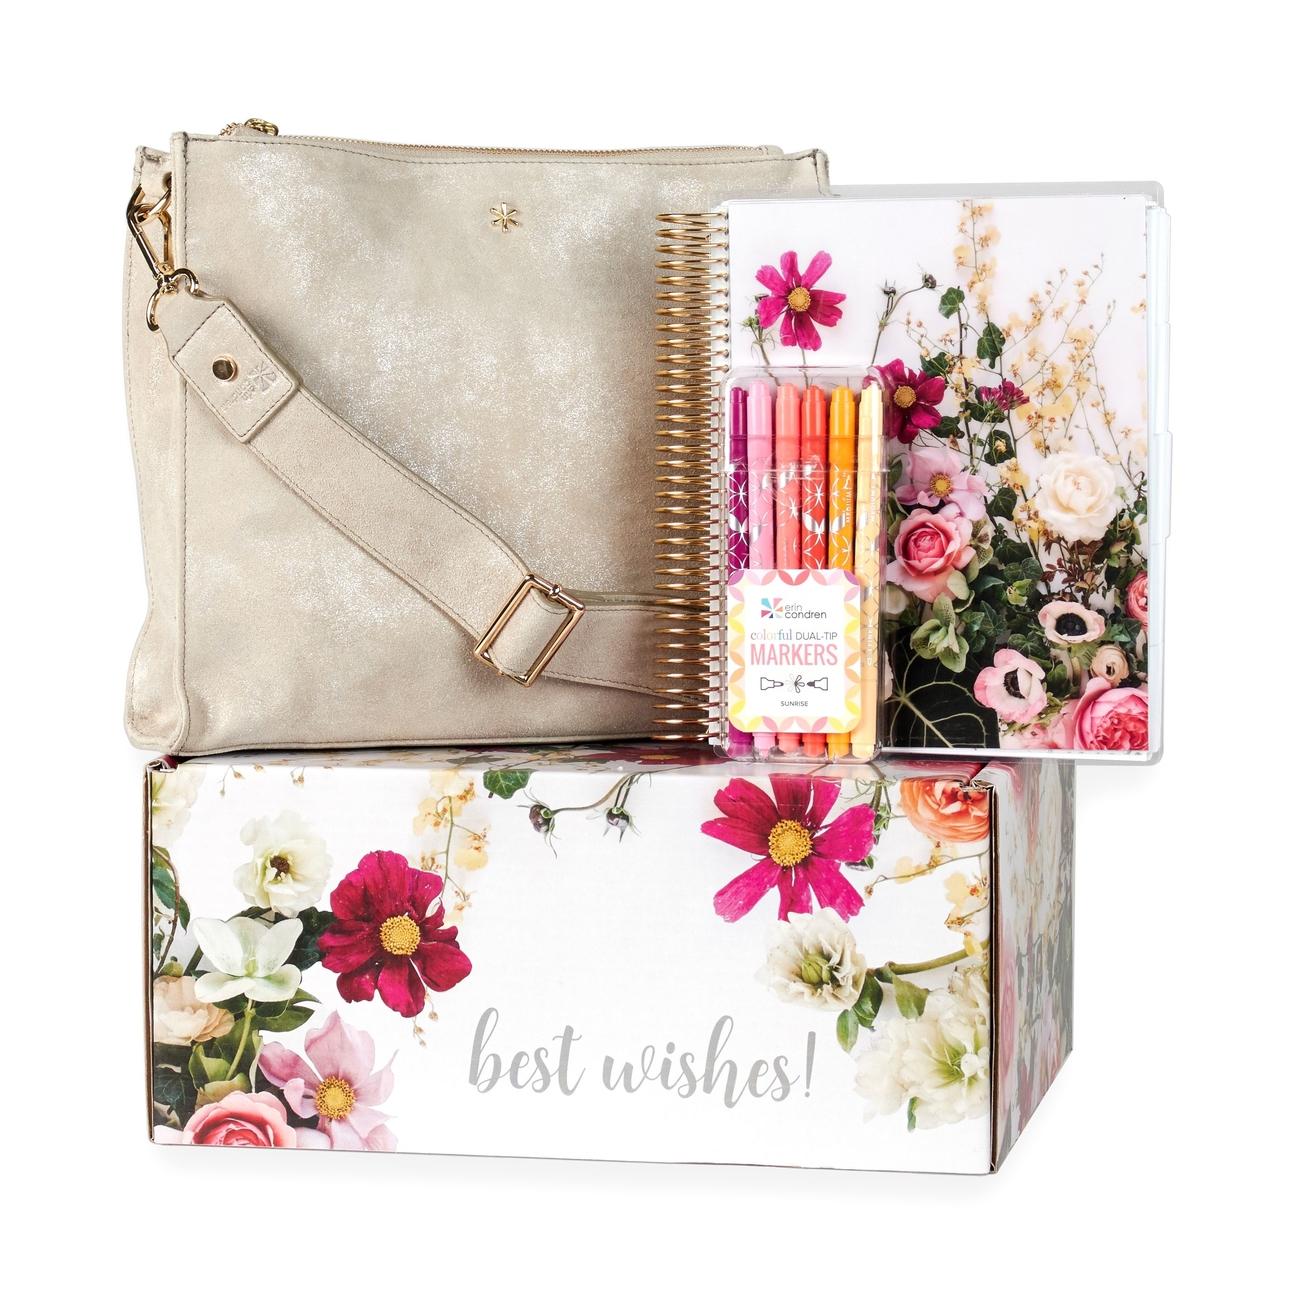 GWS x Erin Condren Gift Box